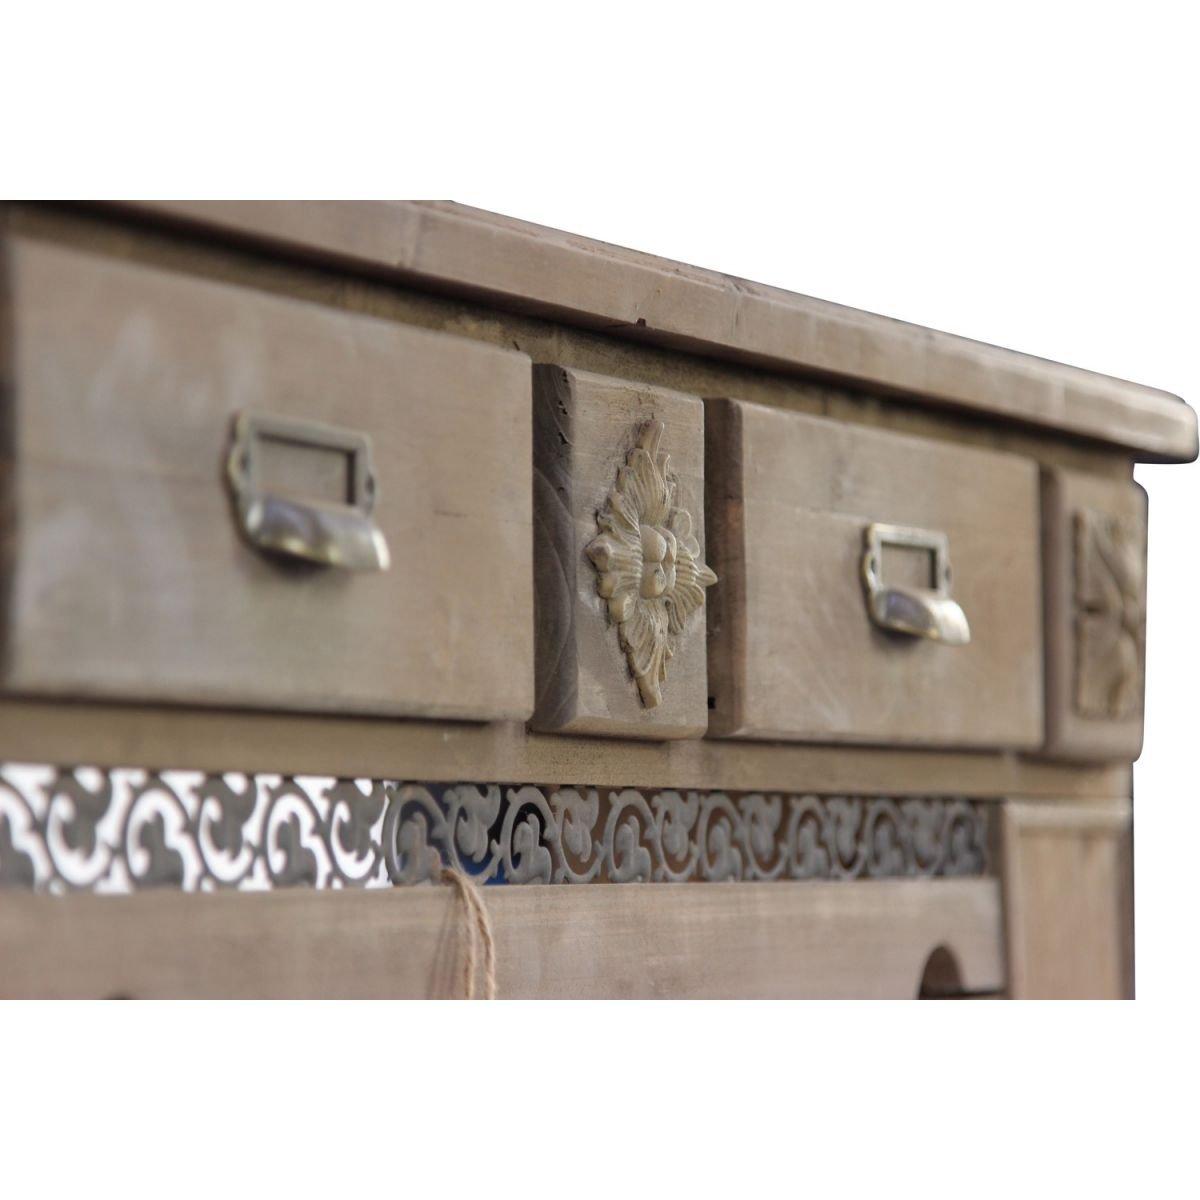 Encadrement Manteau Chemin/ée 2 Tiroirs 108.5x20.5x111.5cm D/écoration dAutrefois Marron Bois